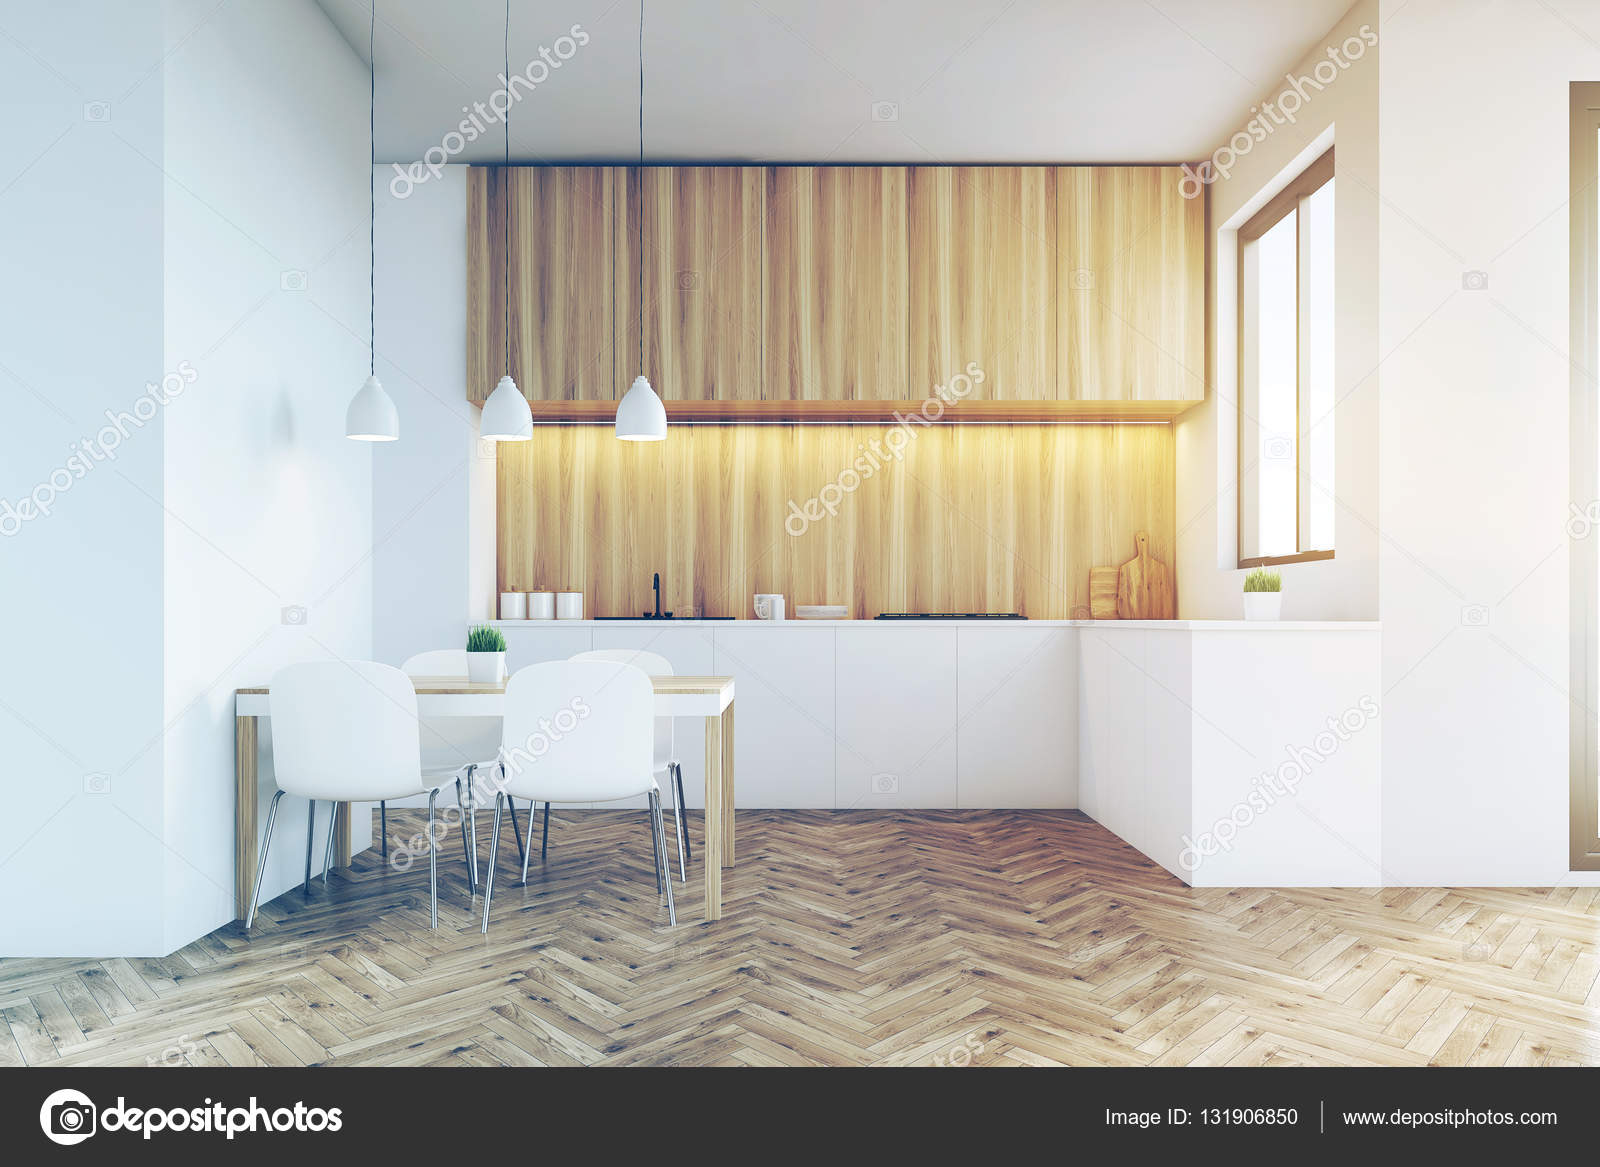 Küche Zähler nach oben mit hellen Holzmöbeln, getönt — Stockfoto ...